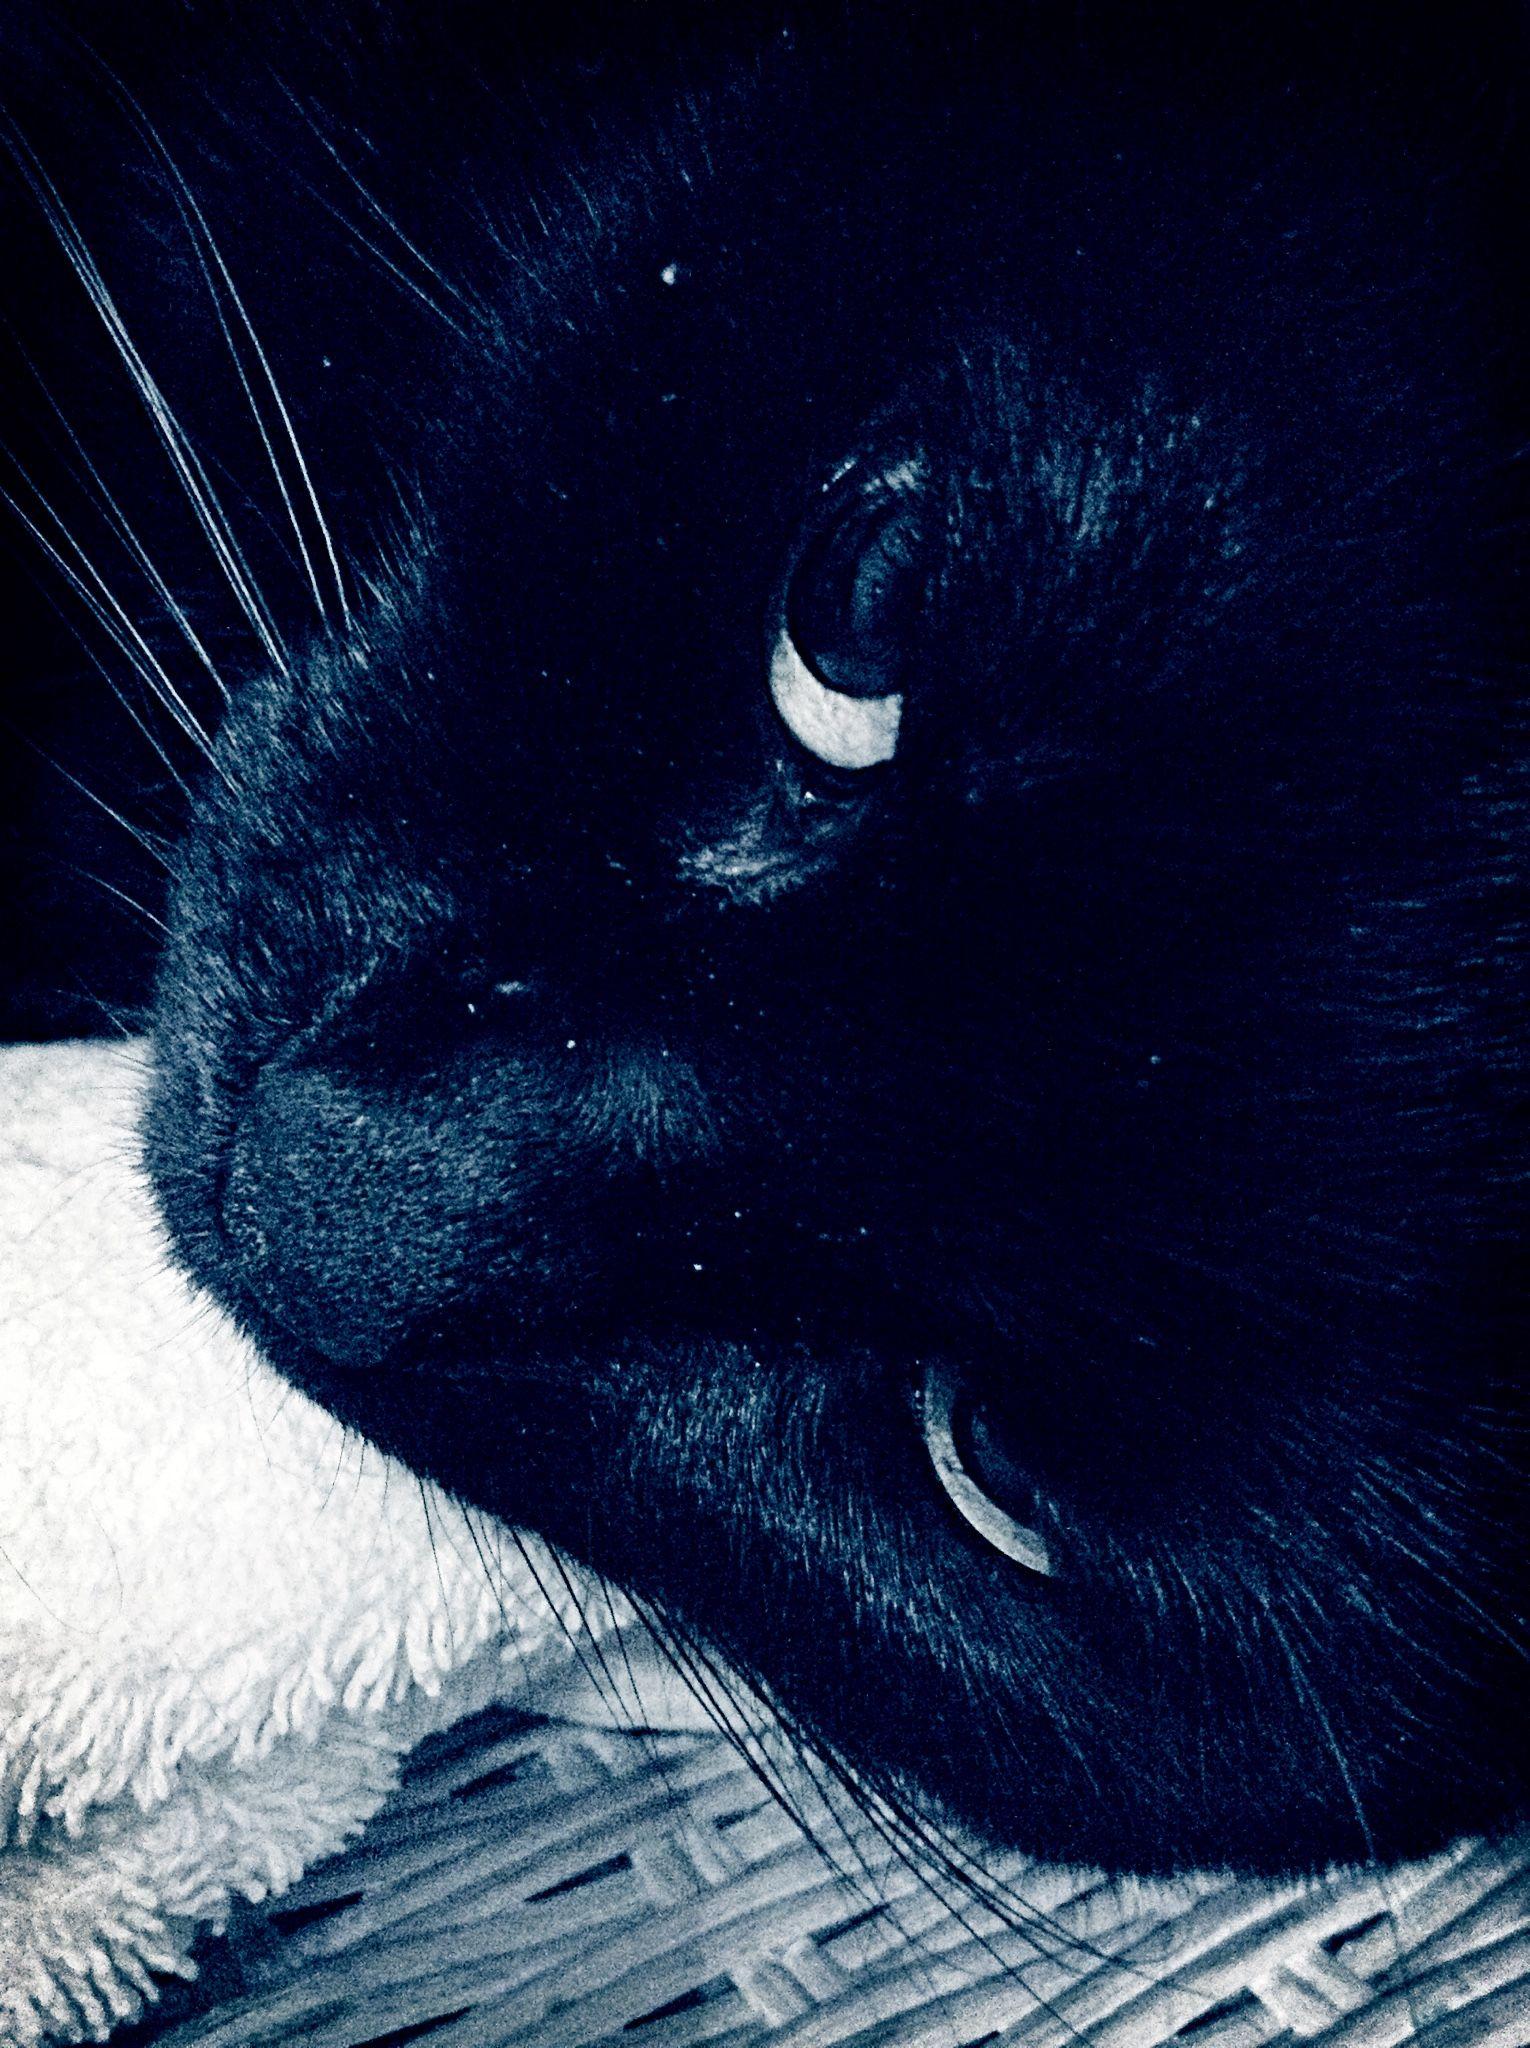 #leiathecutiecat #blackcatcutiecat #cutiecat13